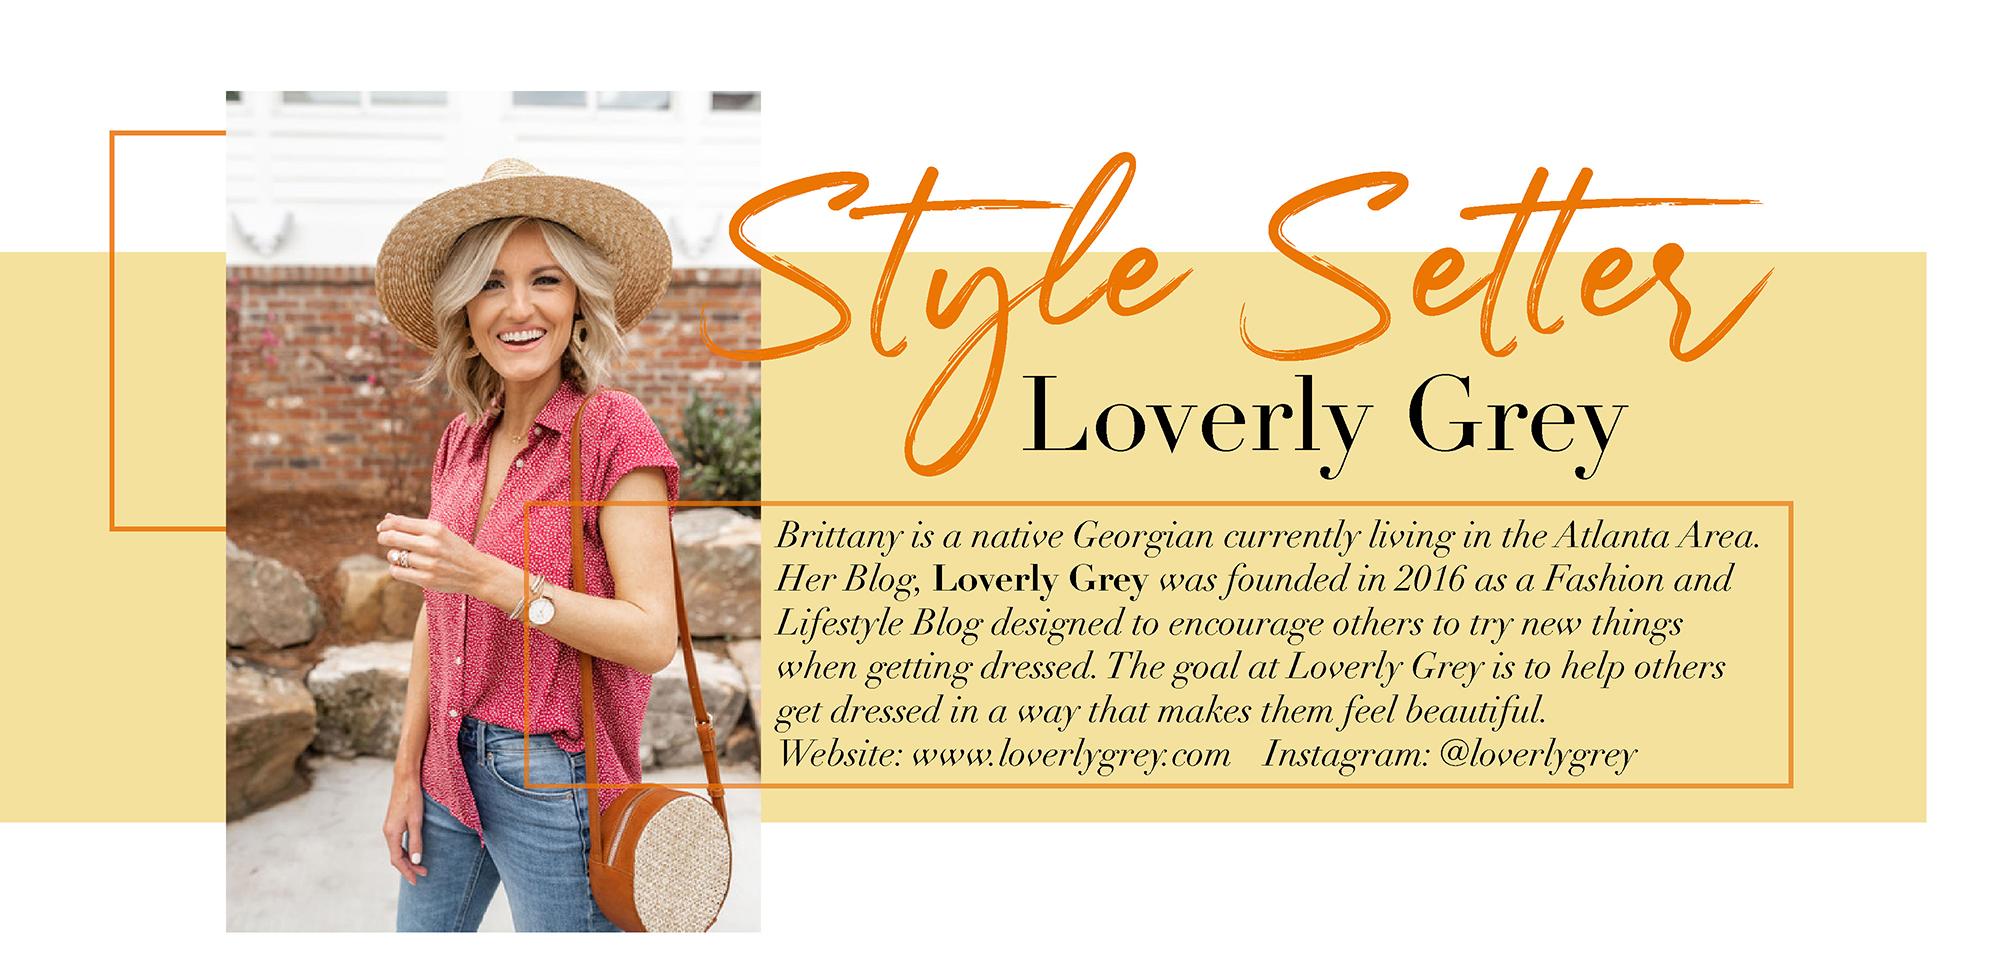 LovelyGrey_stylesetter-crop.jpg